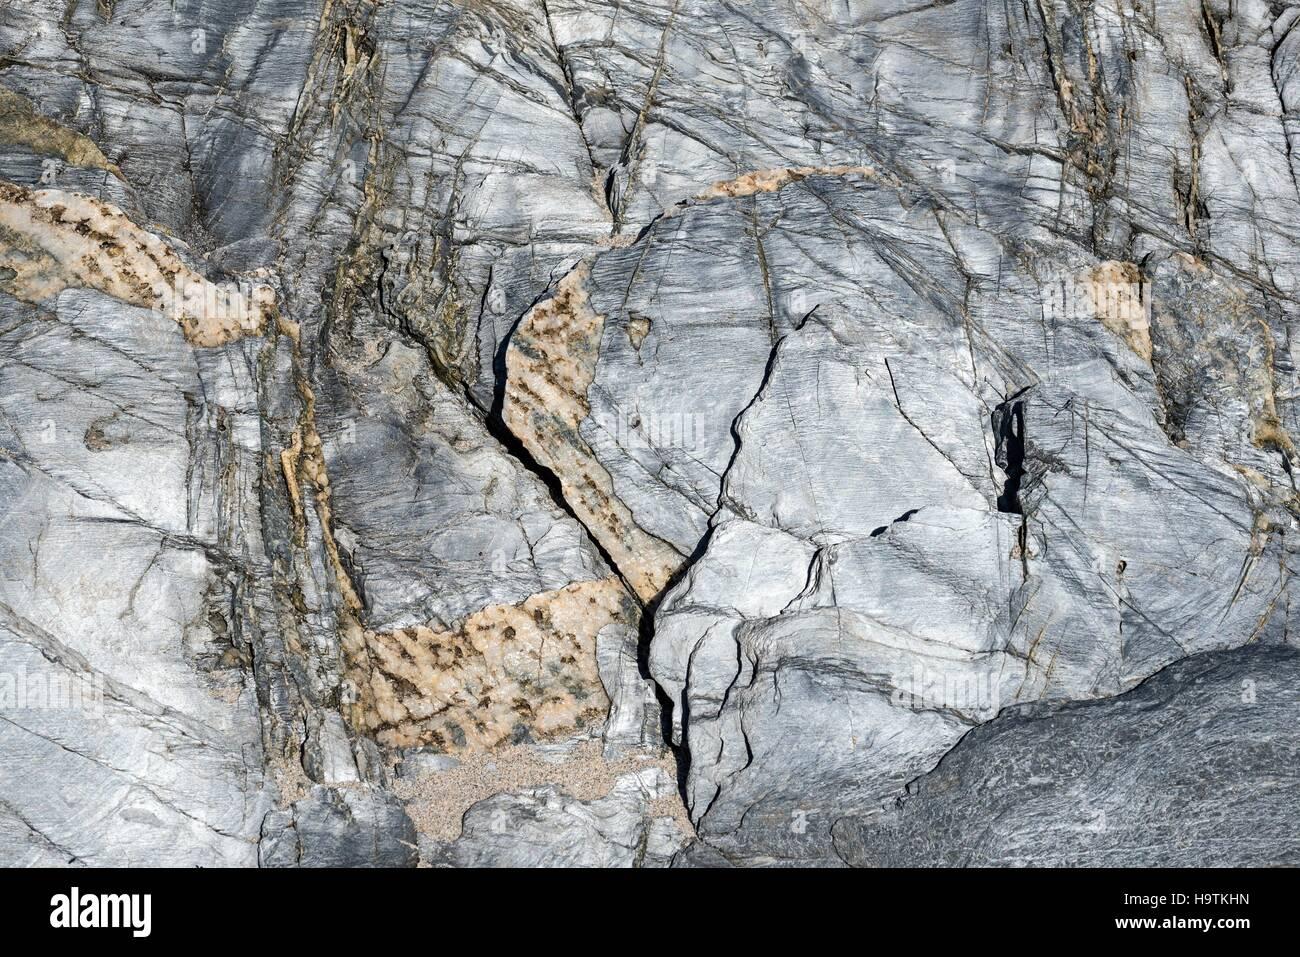 Ardoise altérée et délavés, la texture, l'île d'Islay, Hébrides intérieures, Photo Stock